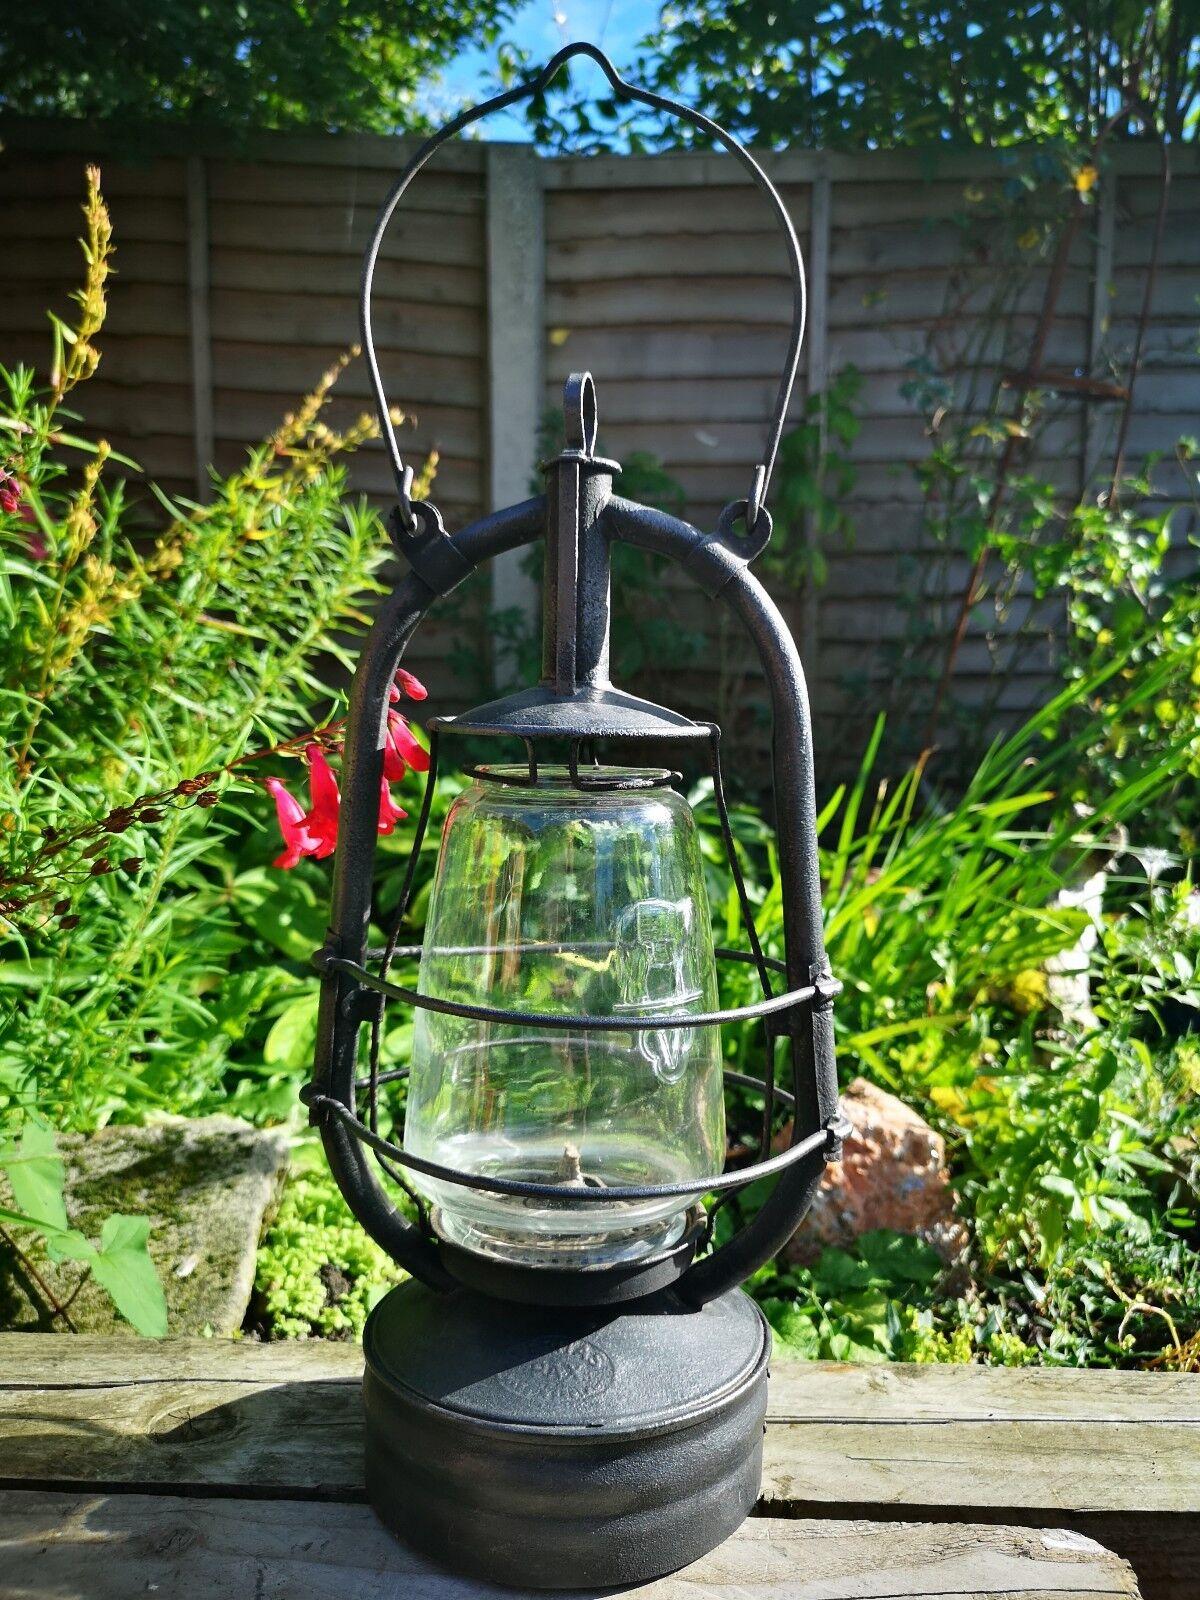 Timewarp 1940s Veritas Wartime Railroad Storm Paraffin Lantern Lamp Vintage Rare